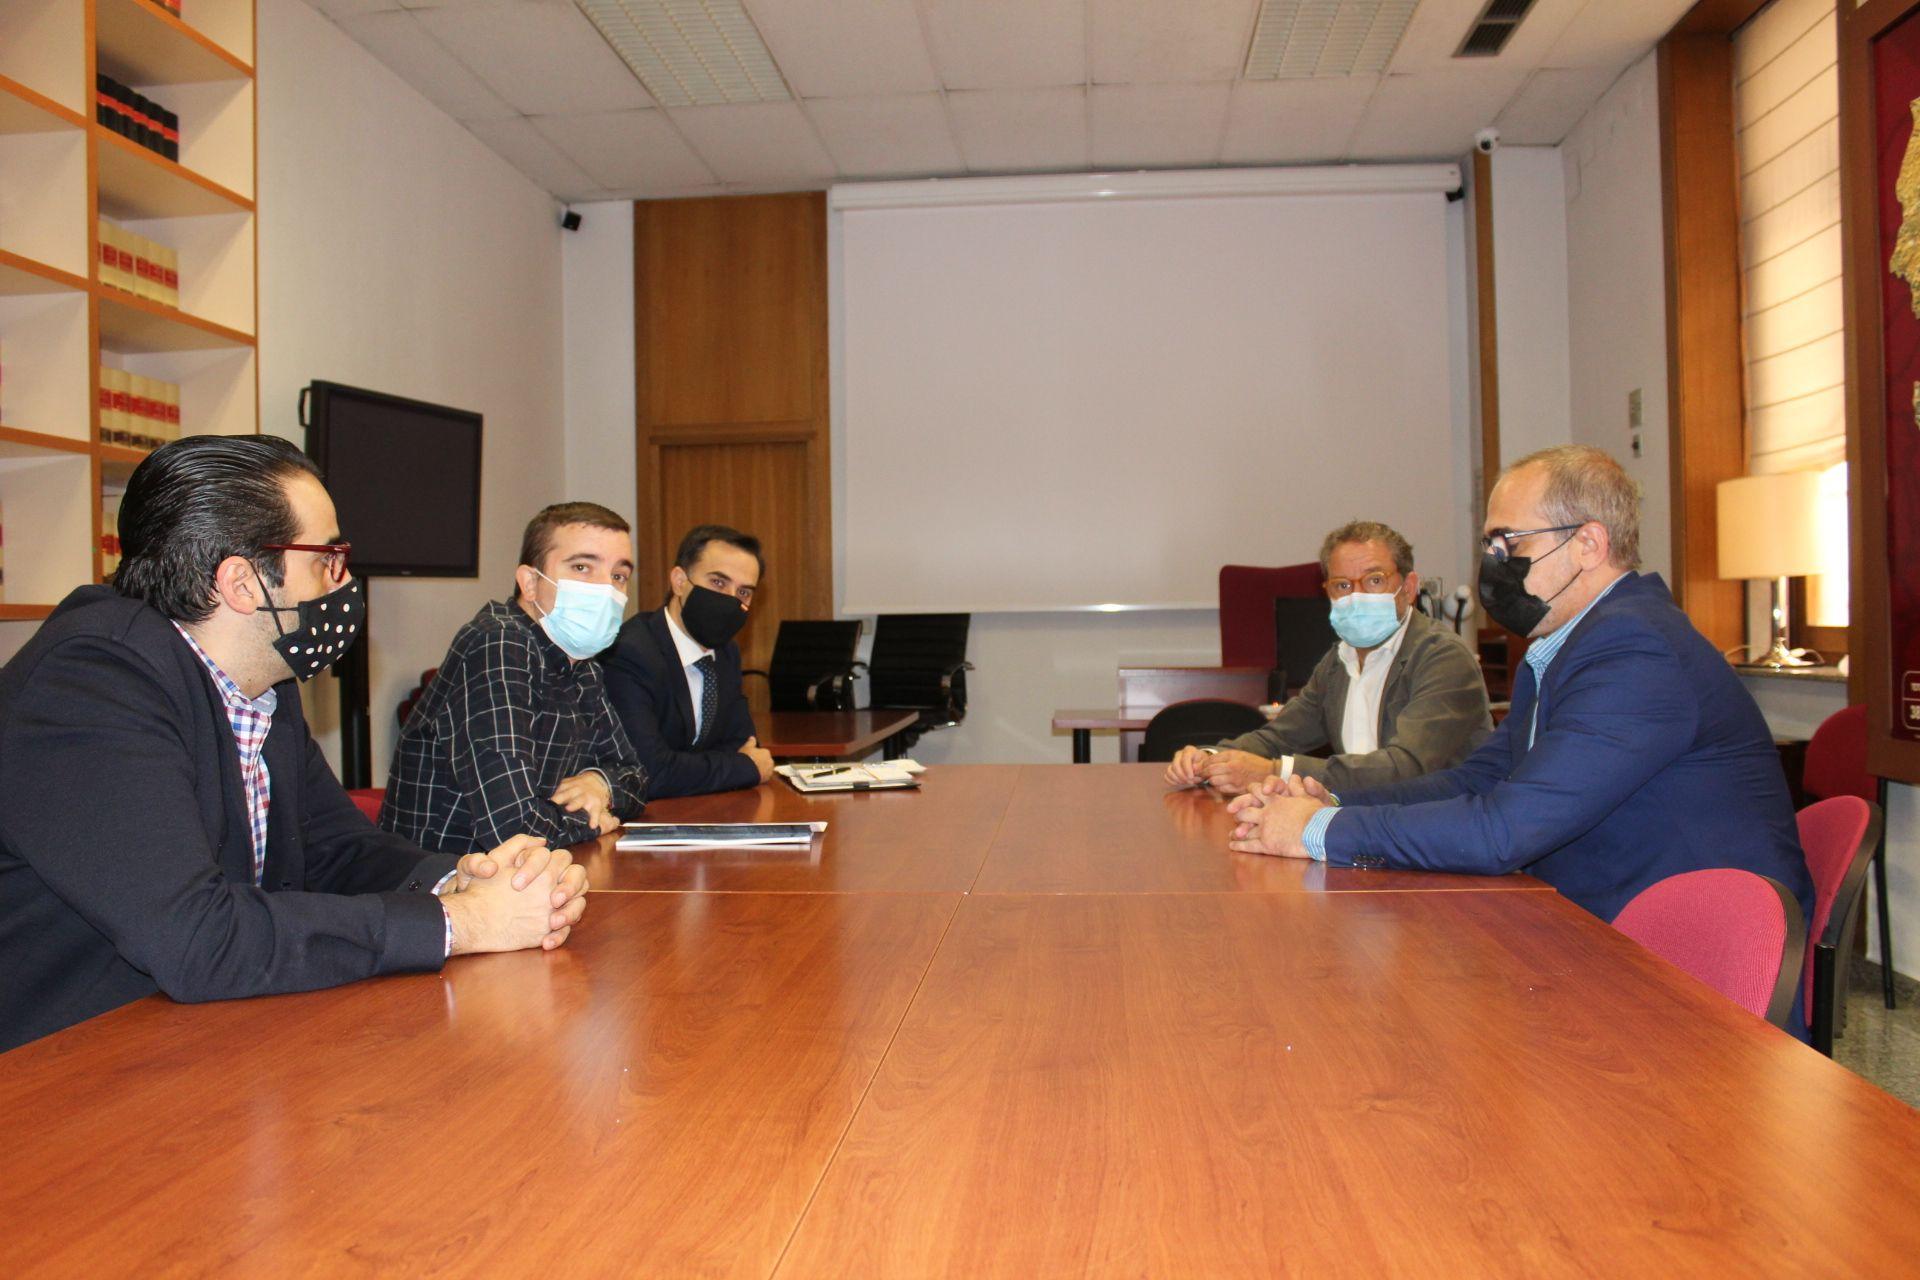 La Junta de Cofradías de Semana Santa de Albacete intenta retomar las actividades culturales para los próximos meses